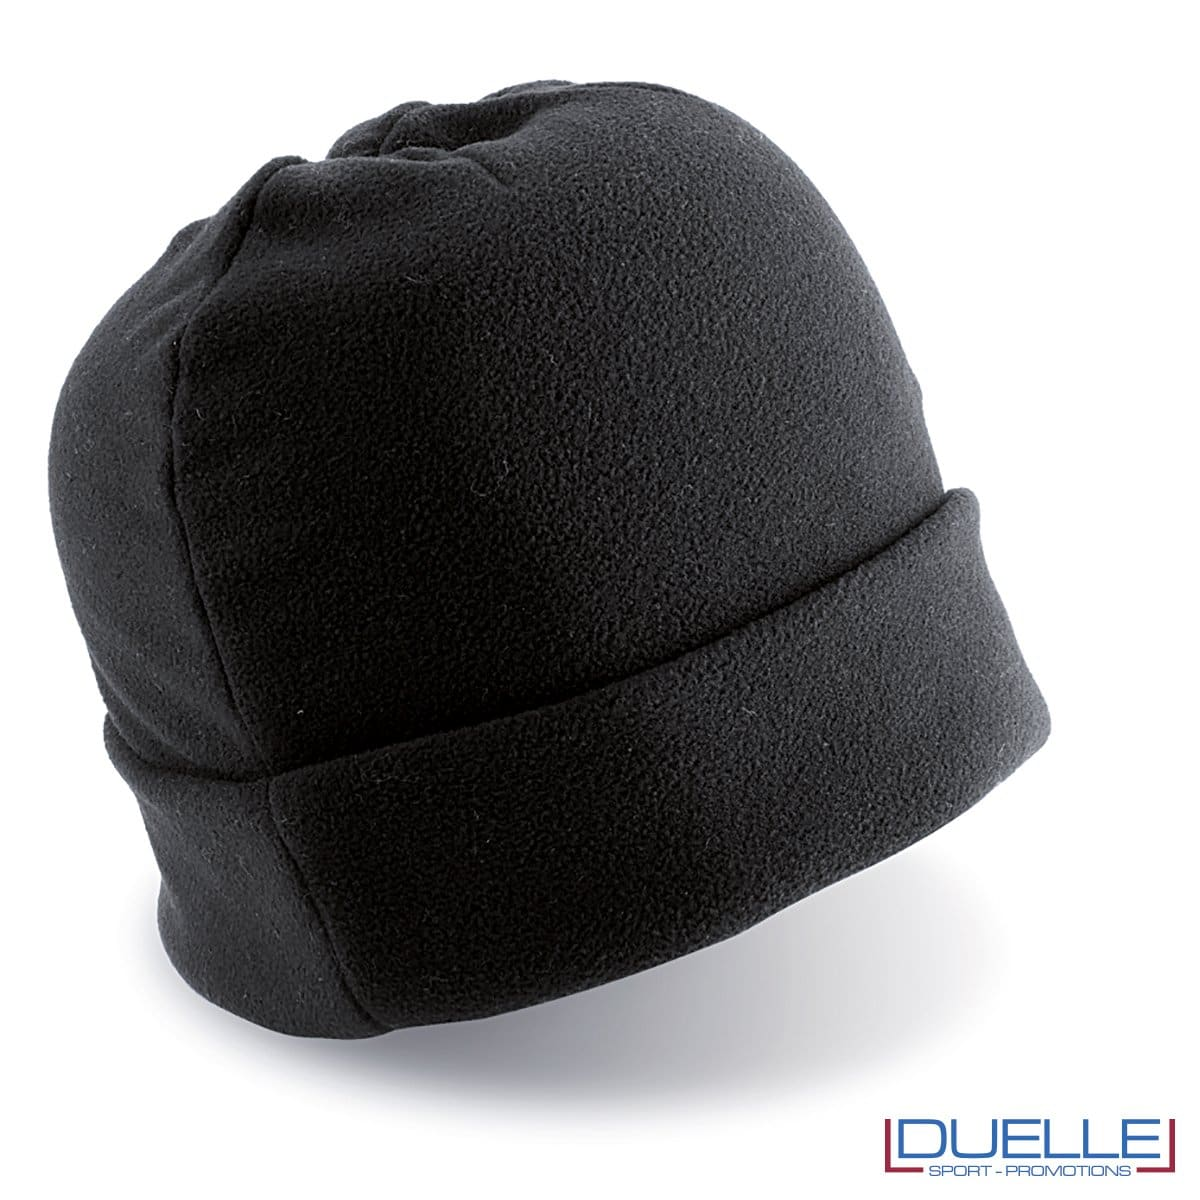 cappello personalizzato in pile colore blu, berretto personalizzato inverno colore nero